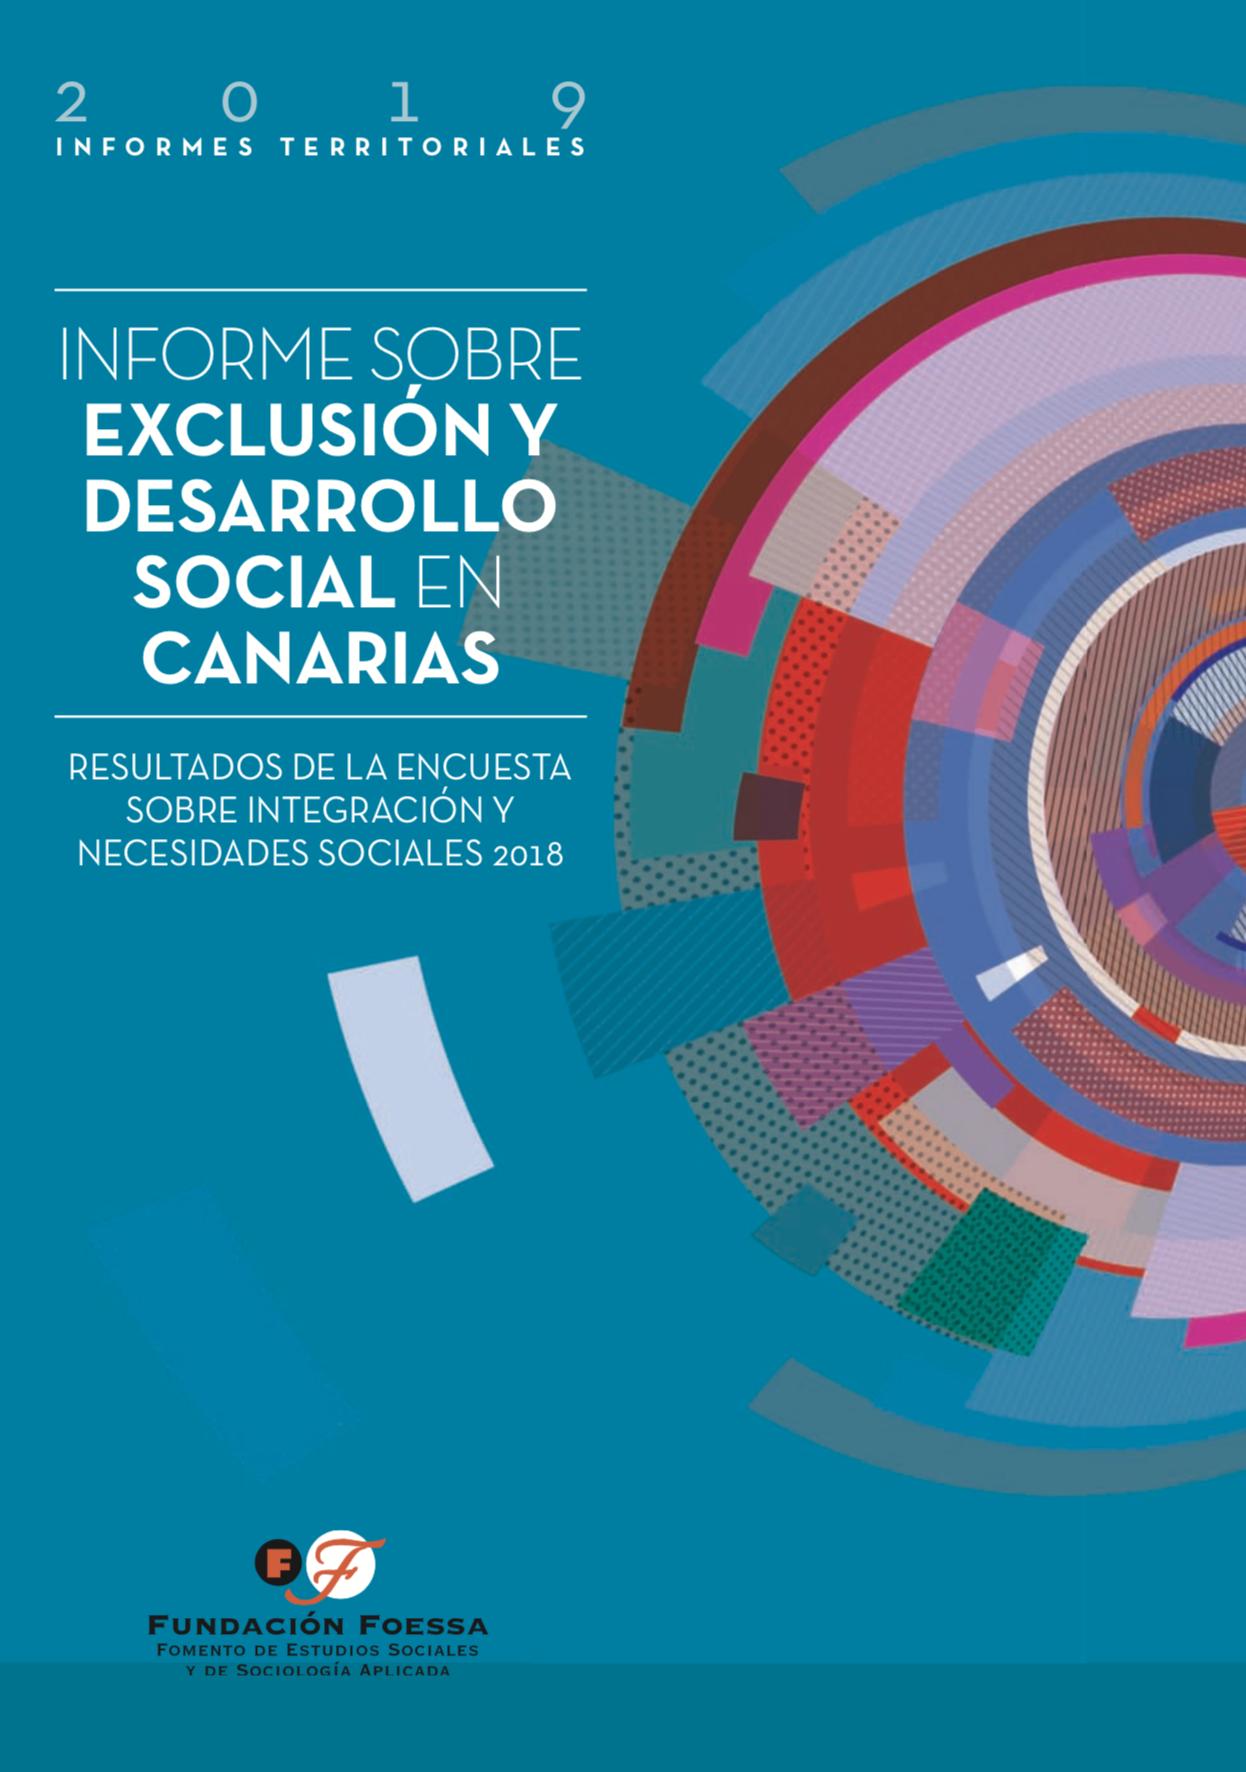 Informe-foessa-canarias-2019